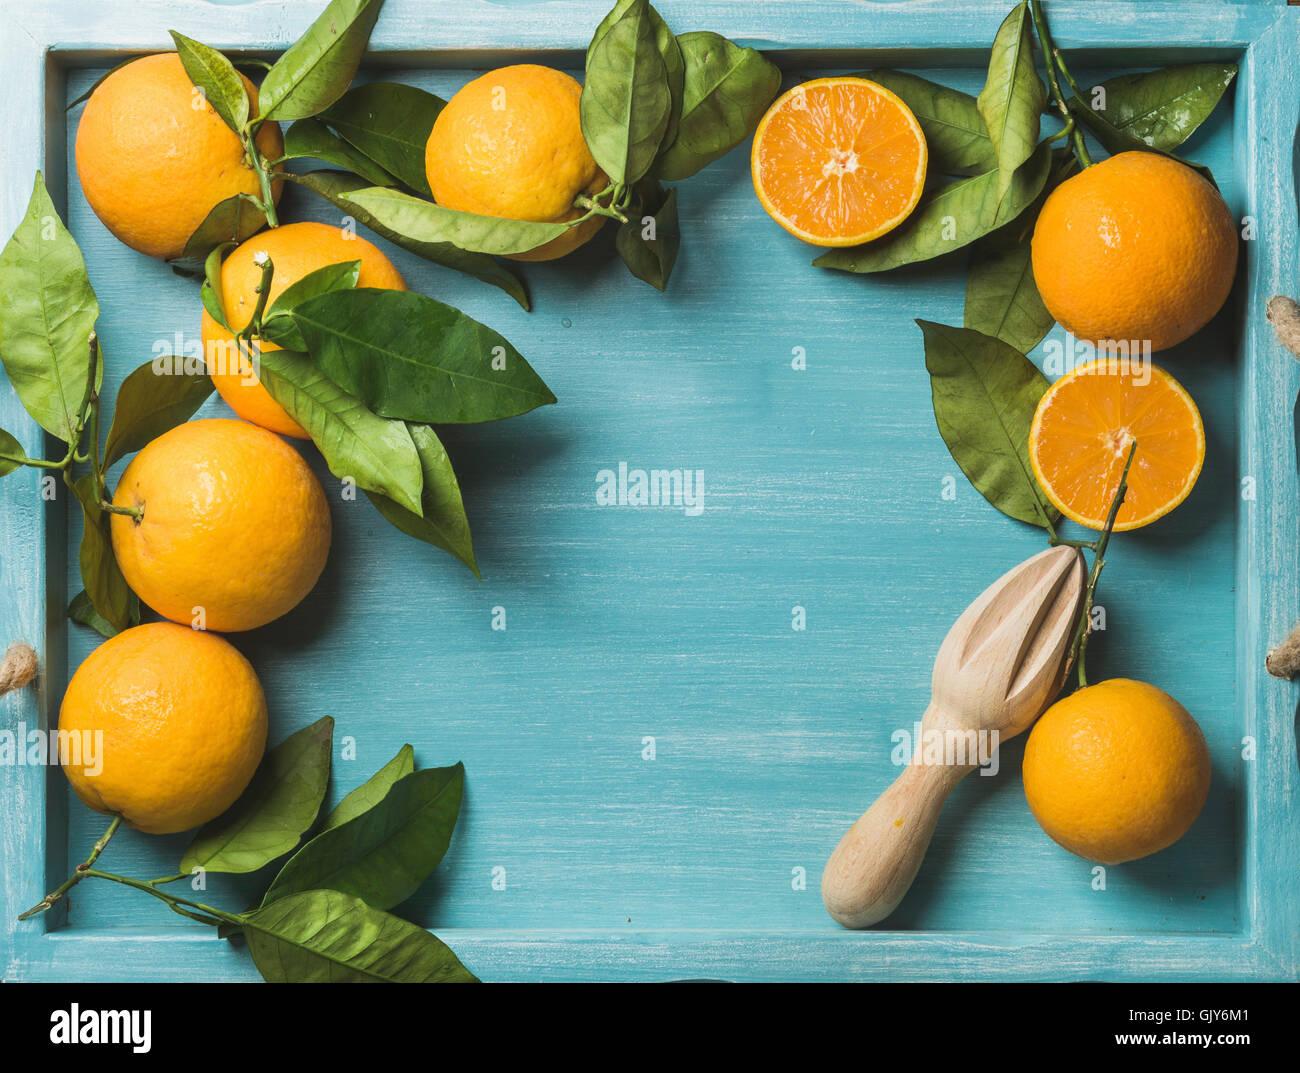 Les oranges fraîches avec des feuilles sur fond de bois peint en bleu, vue du dessus, copiez l'espace, Photo Stock